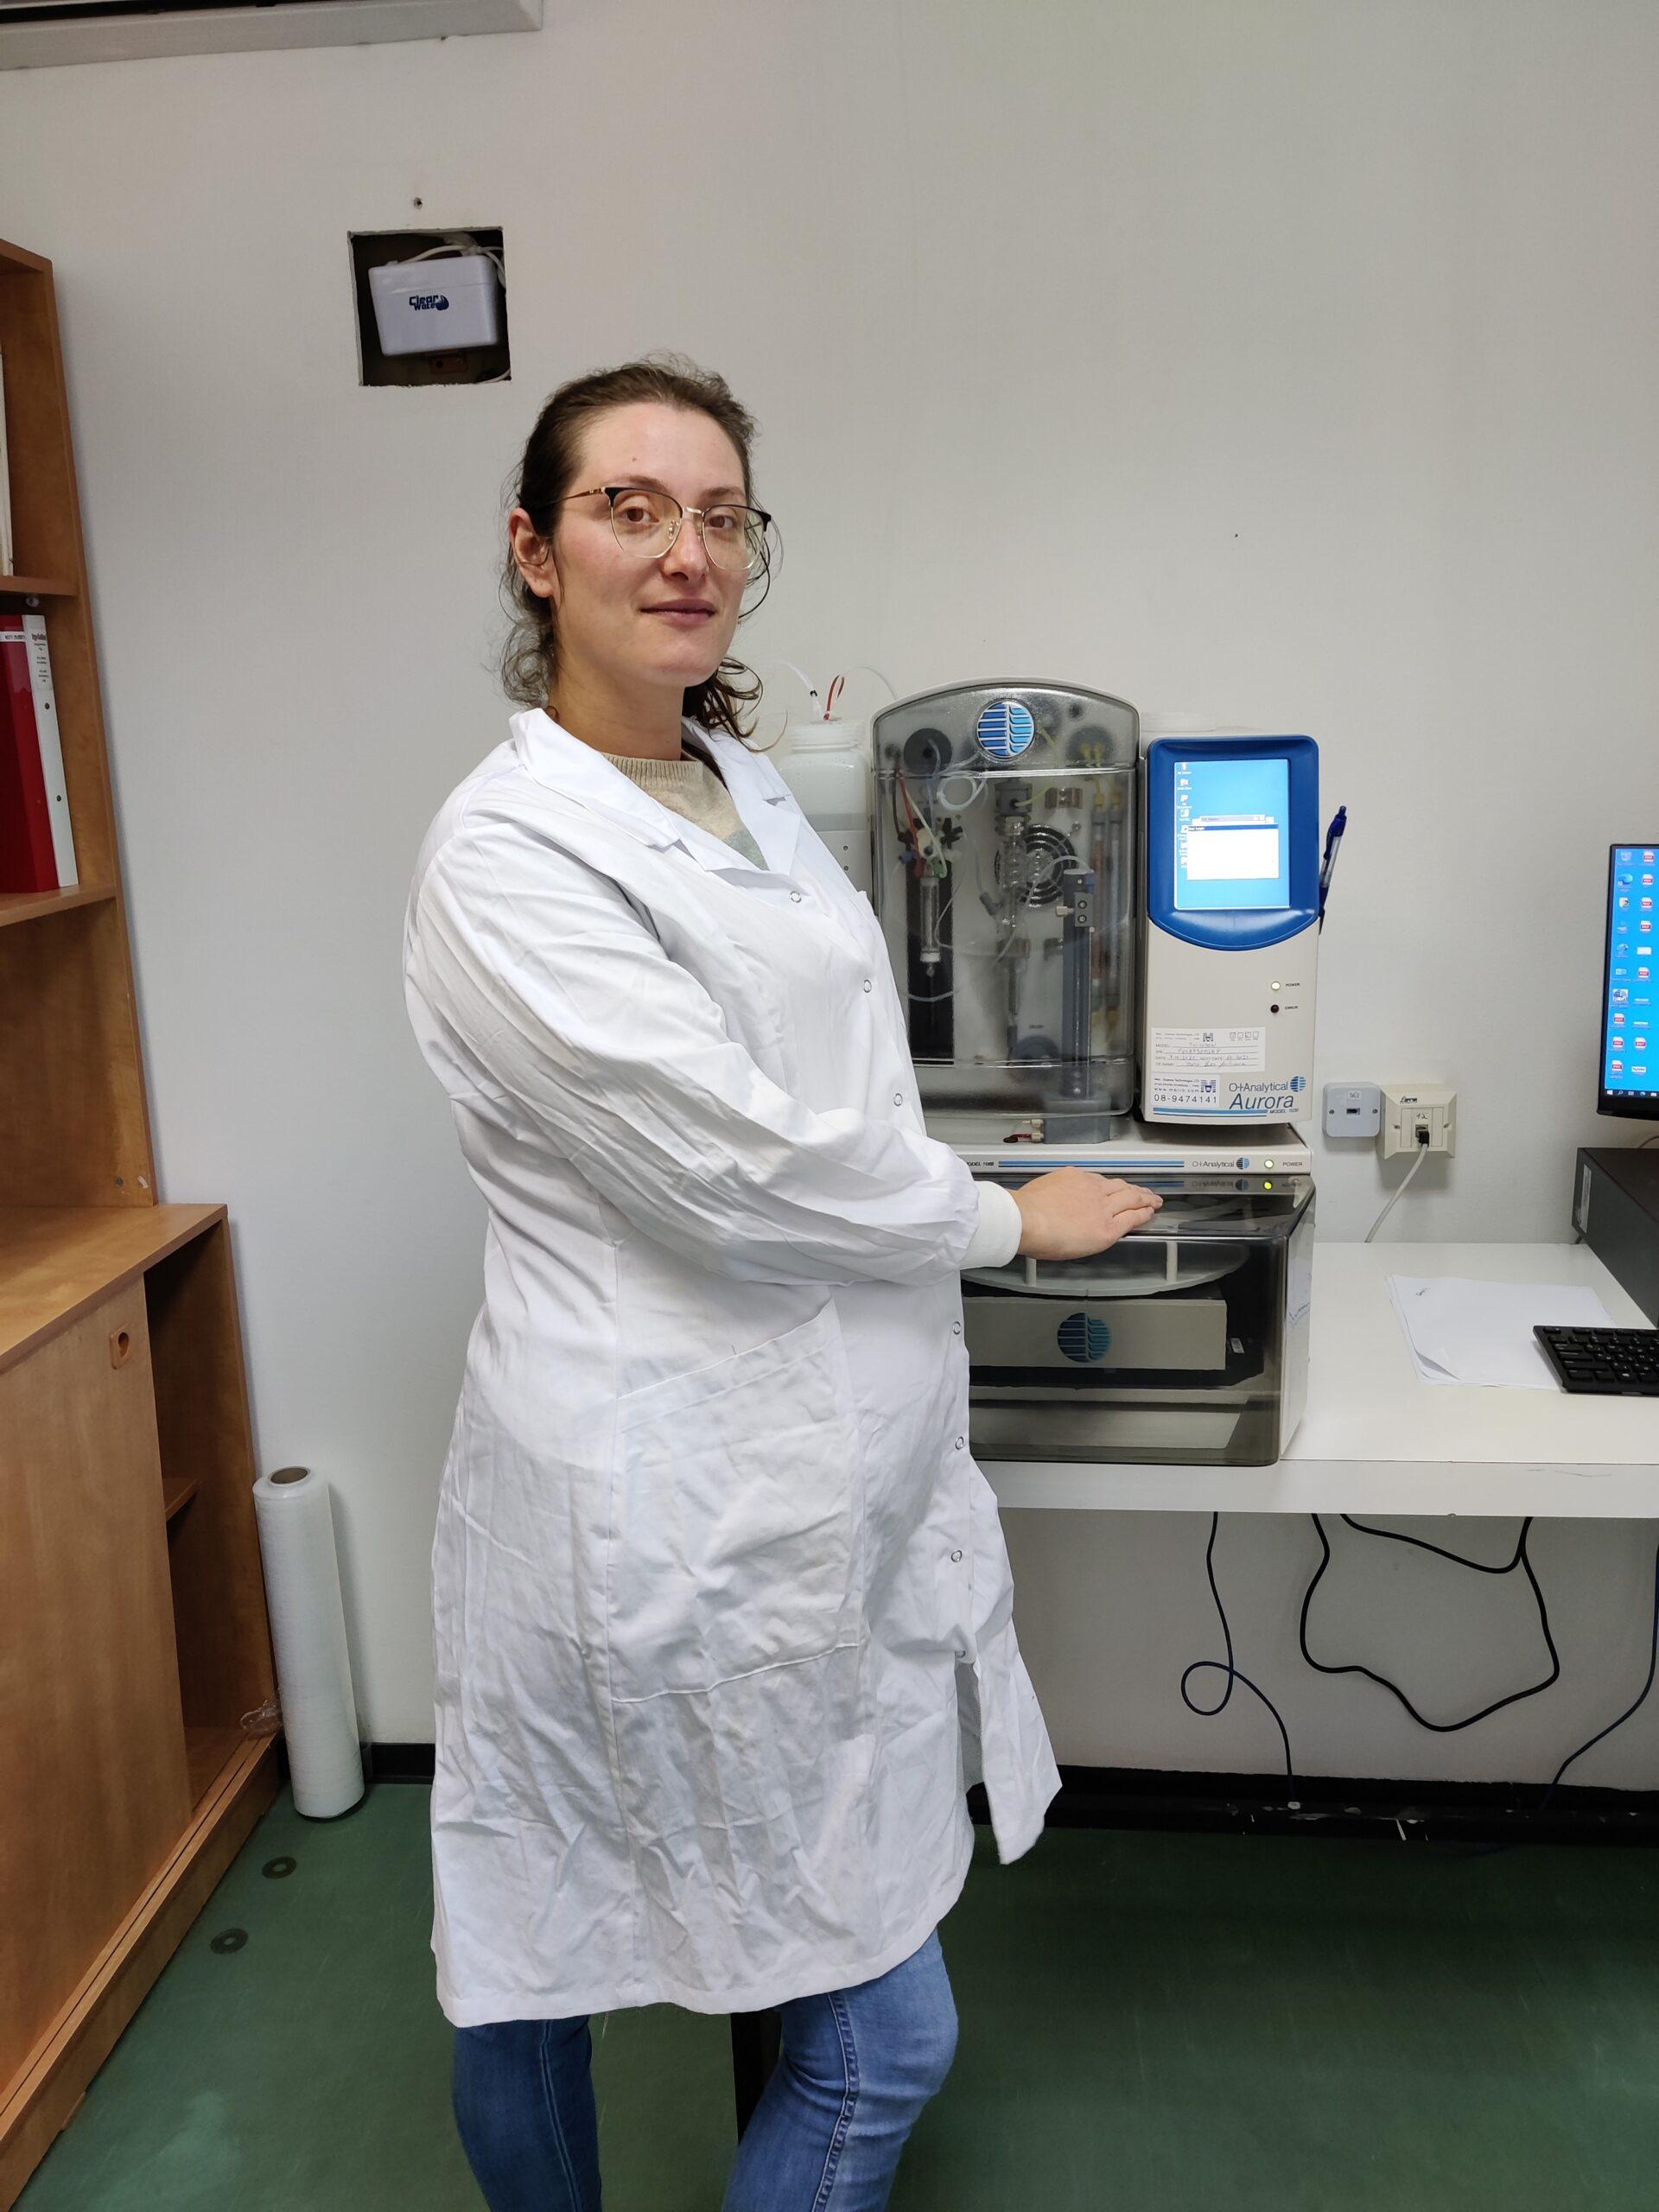 בלוג מעבדות חי – מוצרים ושירותים בתחום המיקרוביולוגיה